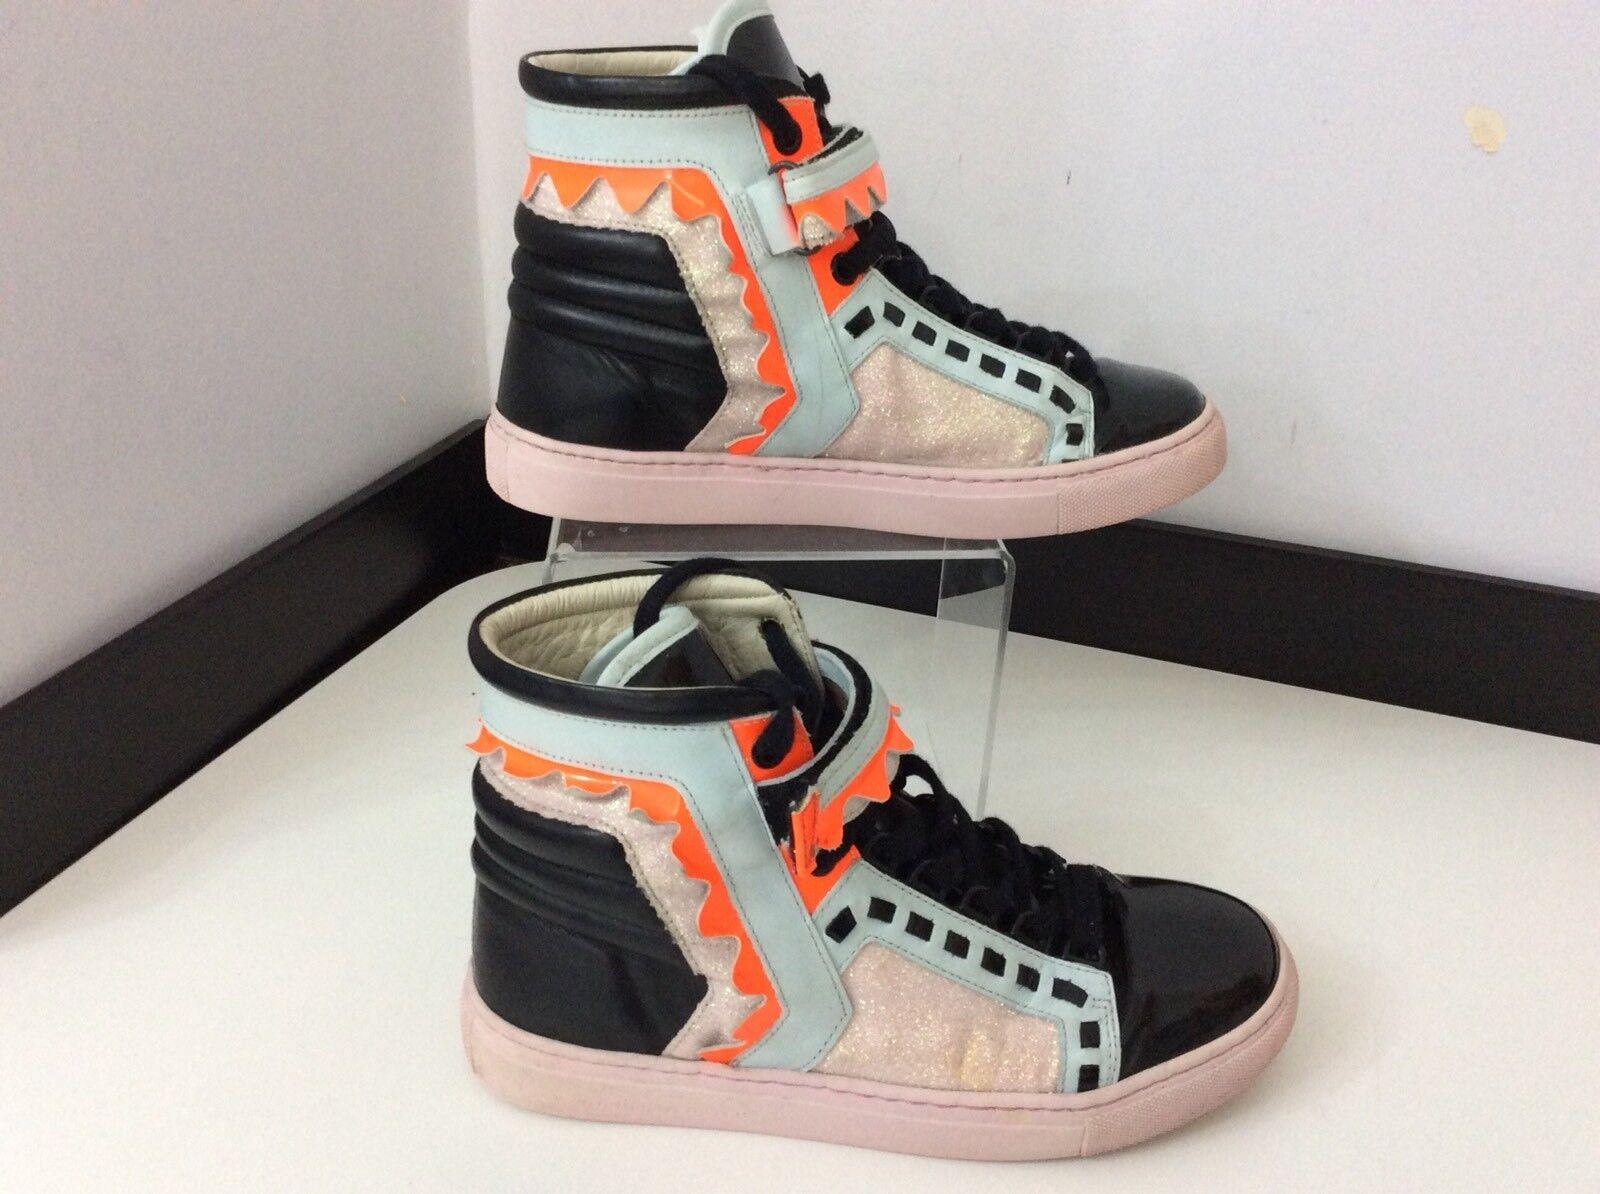 Sophia Webster Hi Top Zapatillas botas Negro y y y rosado Cuero Talla 35 Reino Unido 2.5  almacén al por mayor